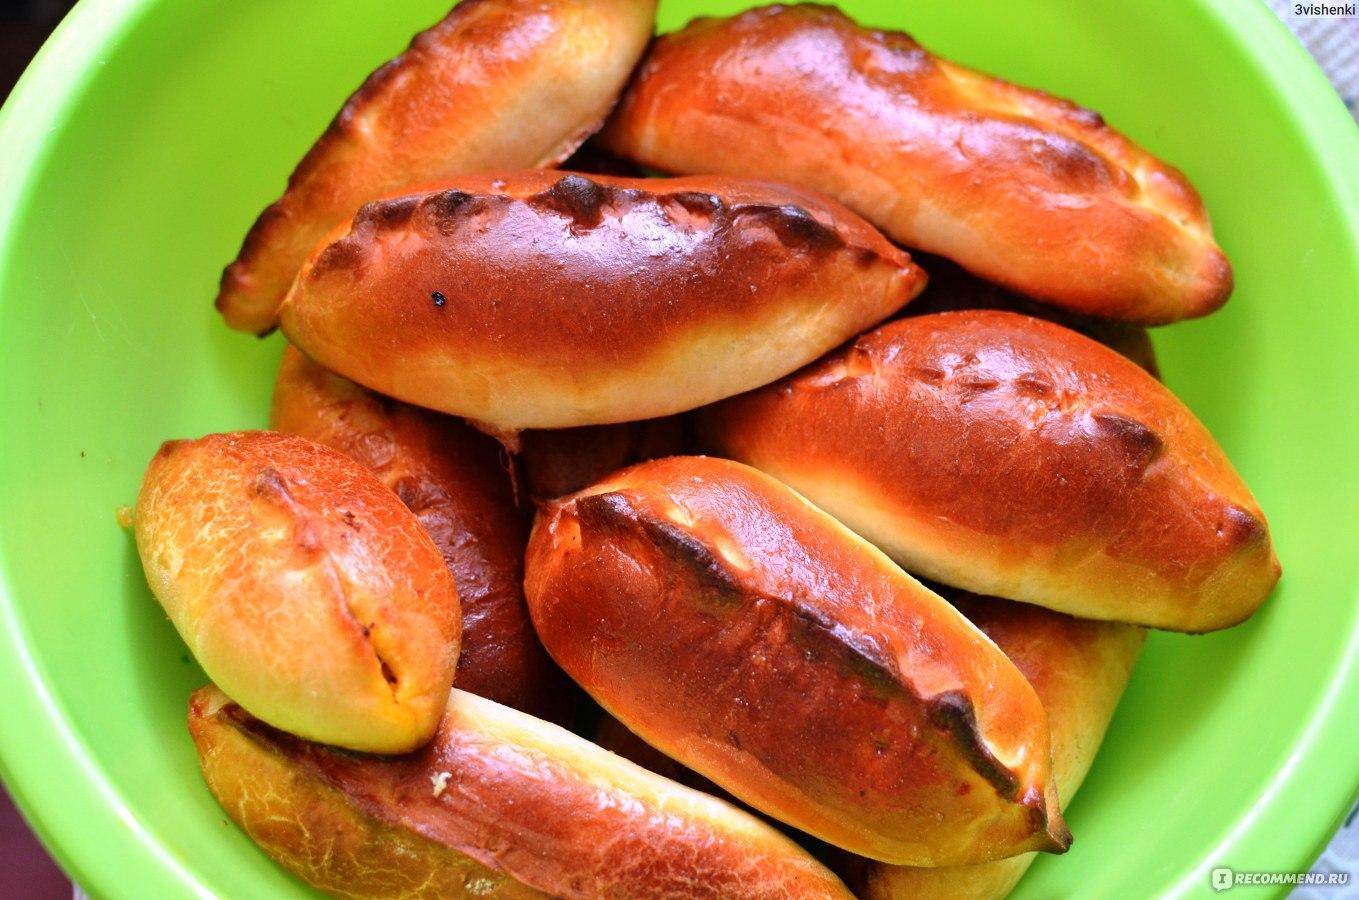 Как приготовить жаренные пирожки с картошкой на сковороде по 40